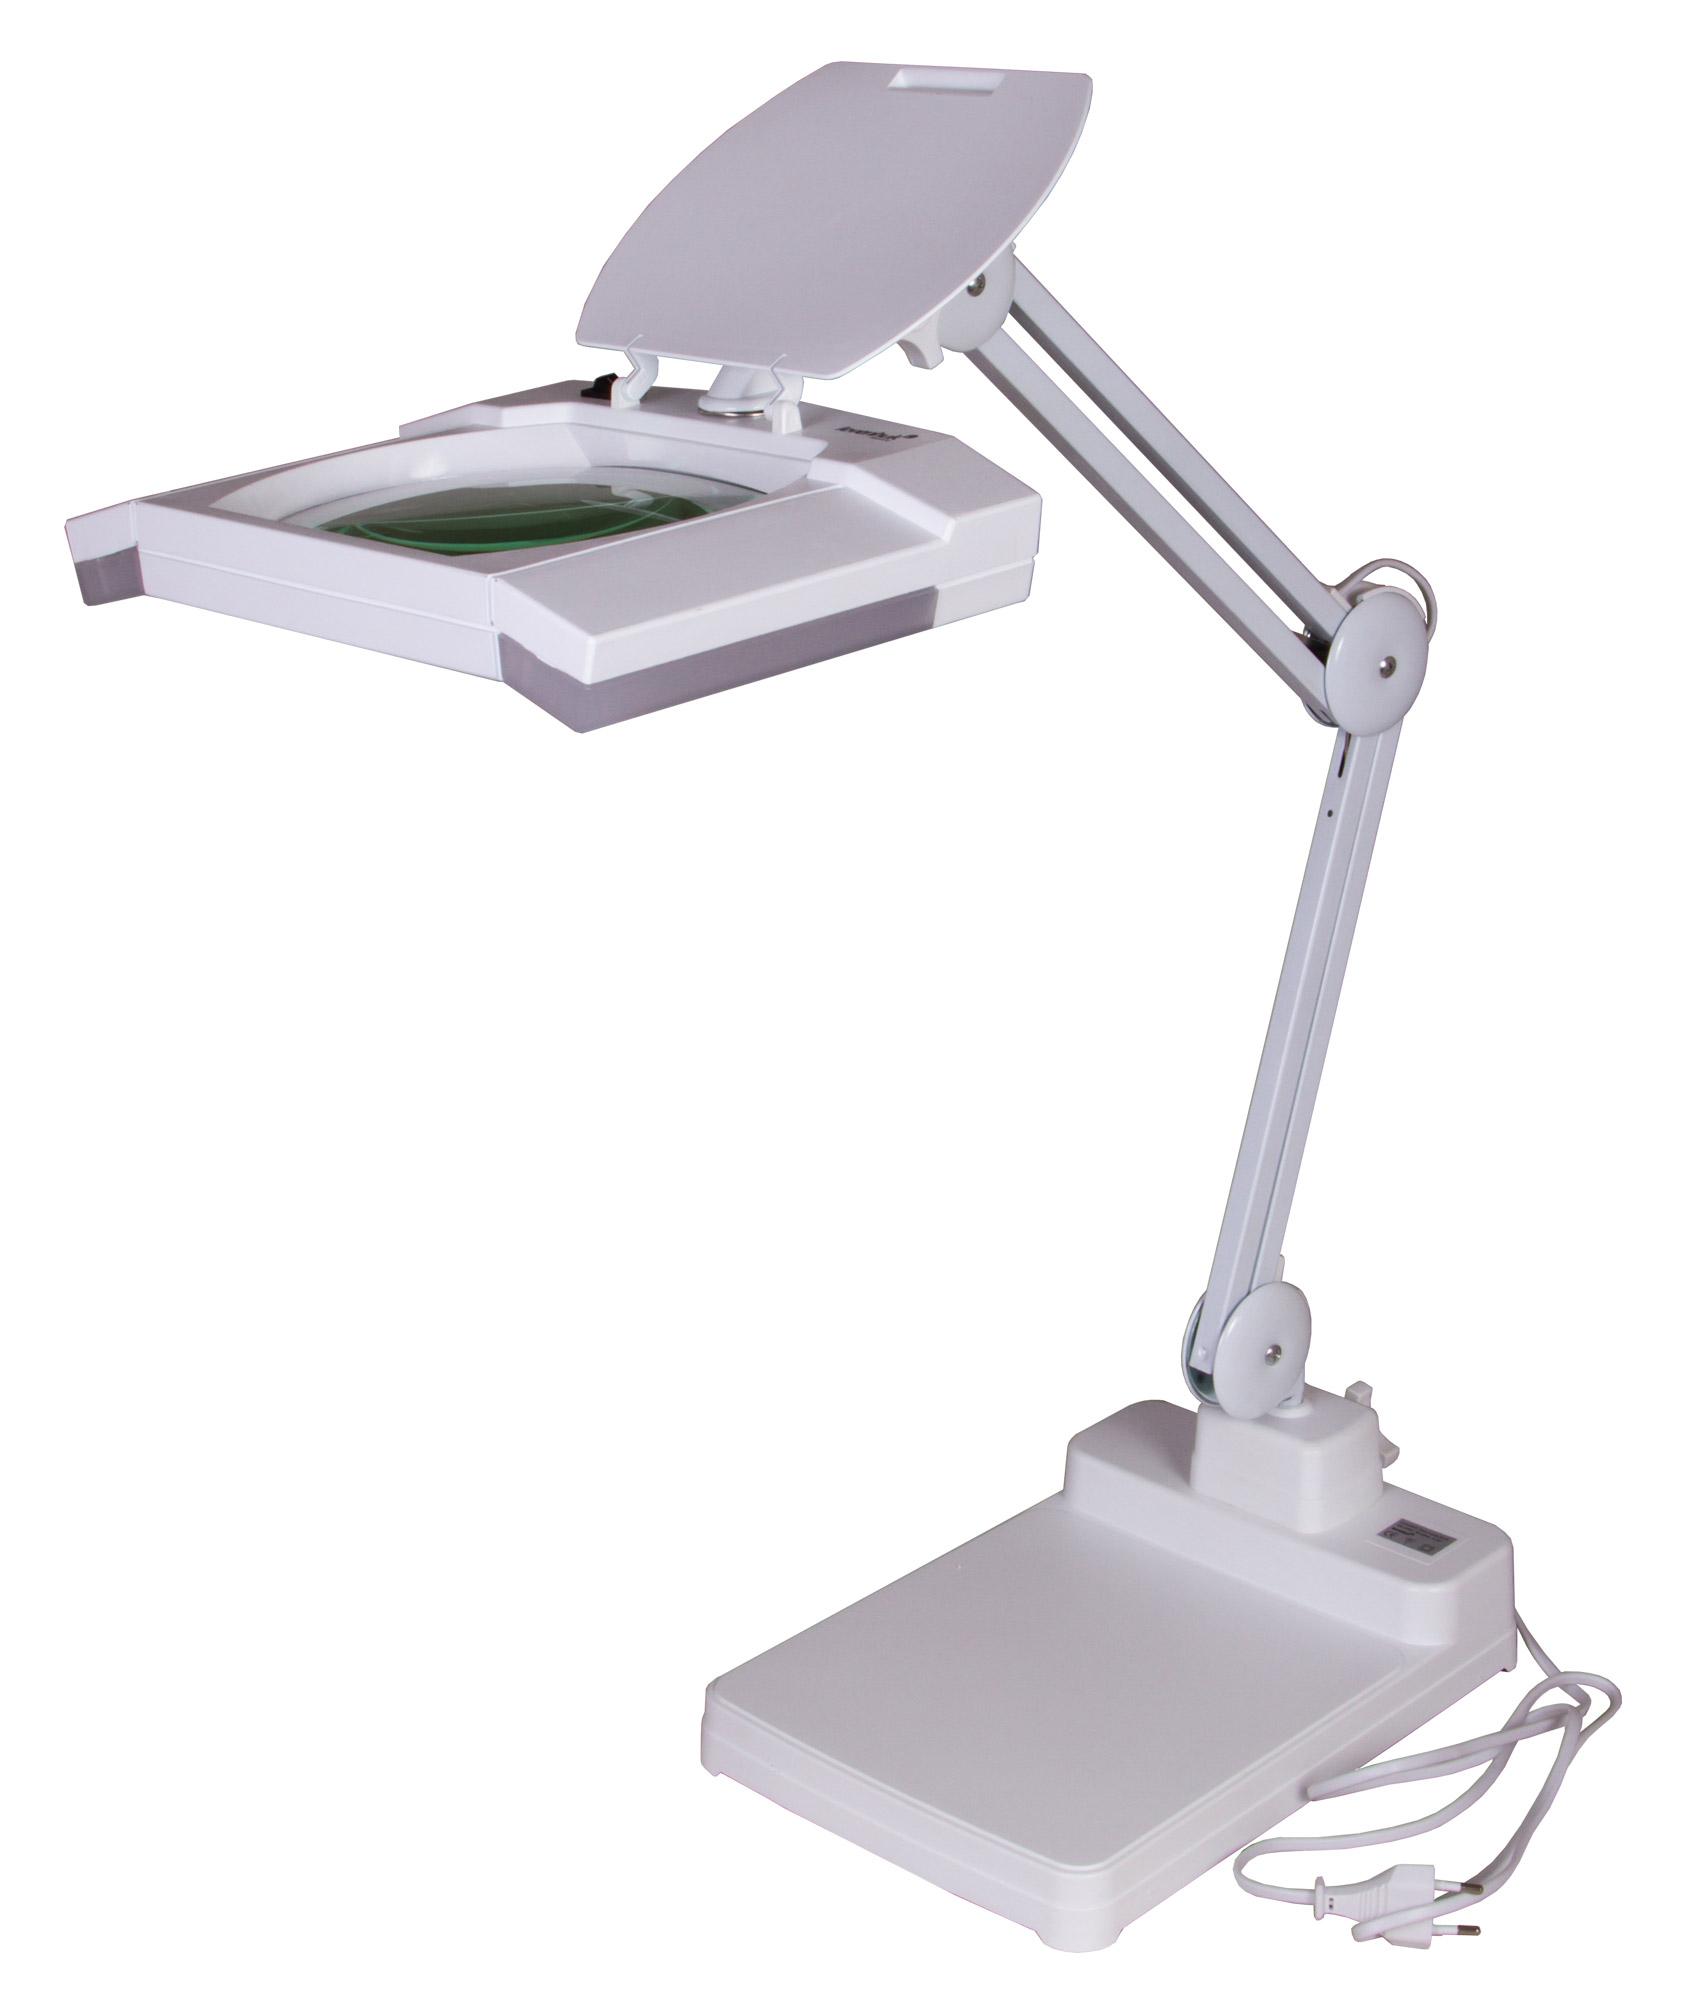 Фото - Лупа-лампа Levenhuk Zeno Lamp ZL25 LED (+ Салфетки из микрофибры в подарок) курносики соска латексная большого размера со средним отверстием от 6 месяцев